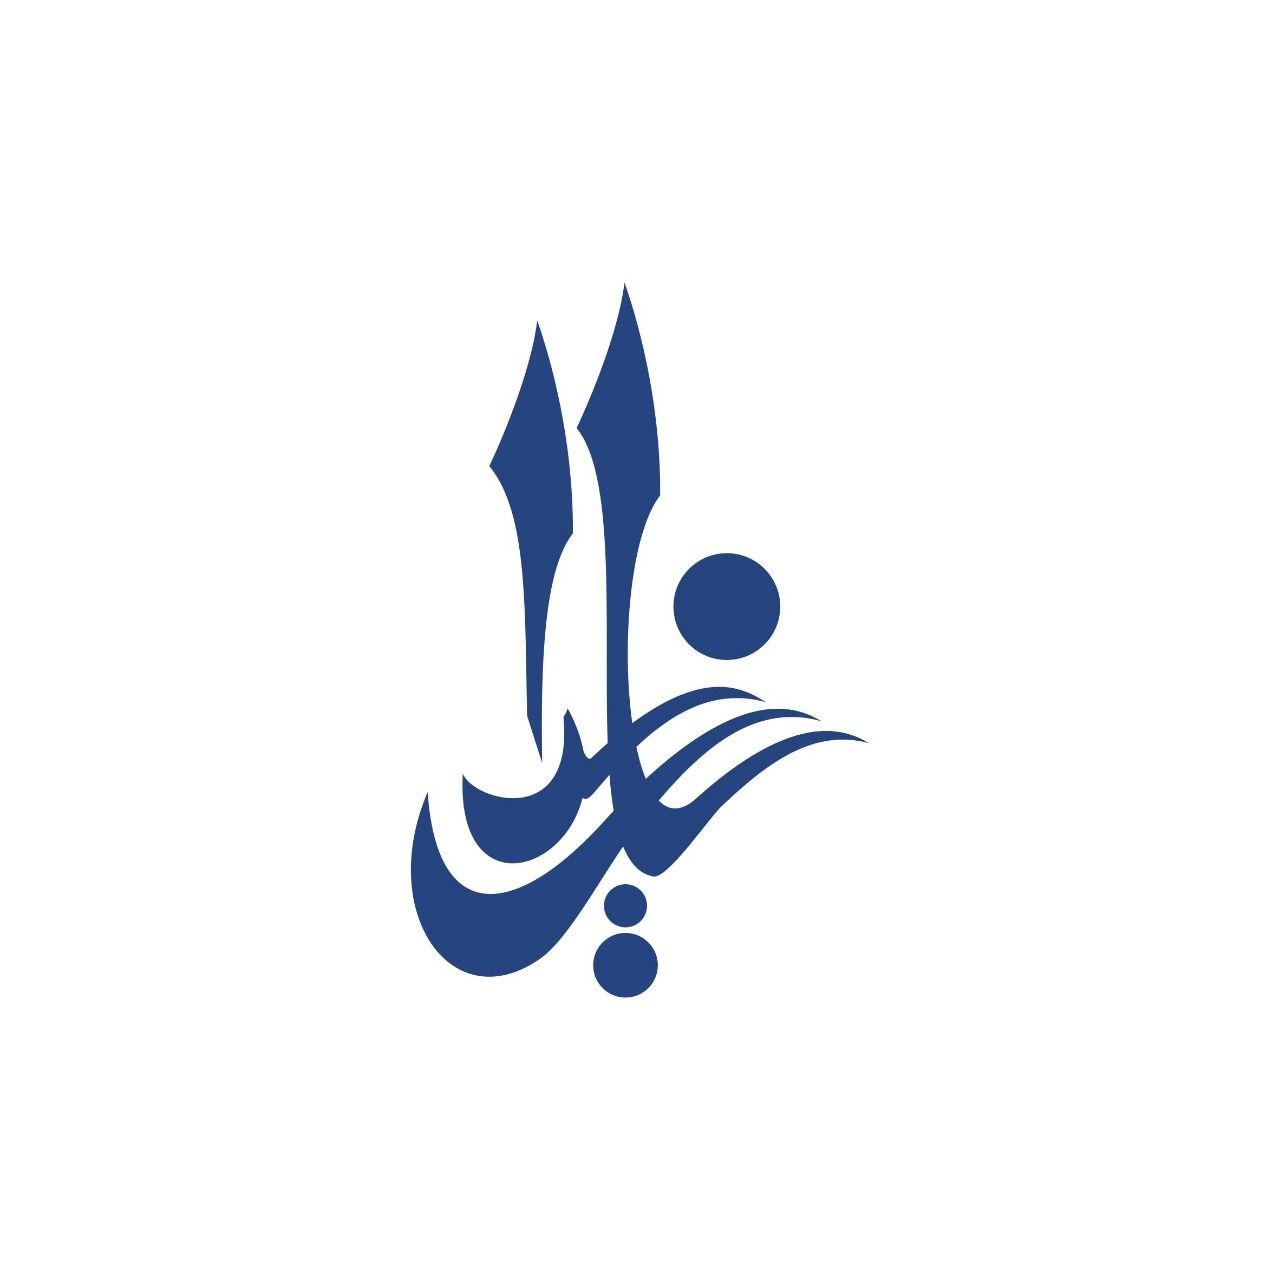 rizqi-arabic-calligraphy